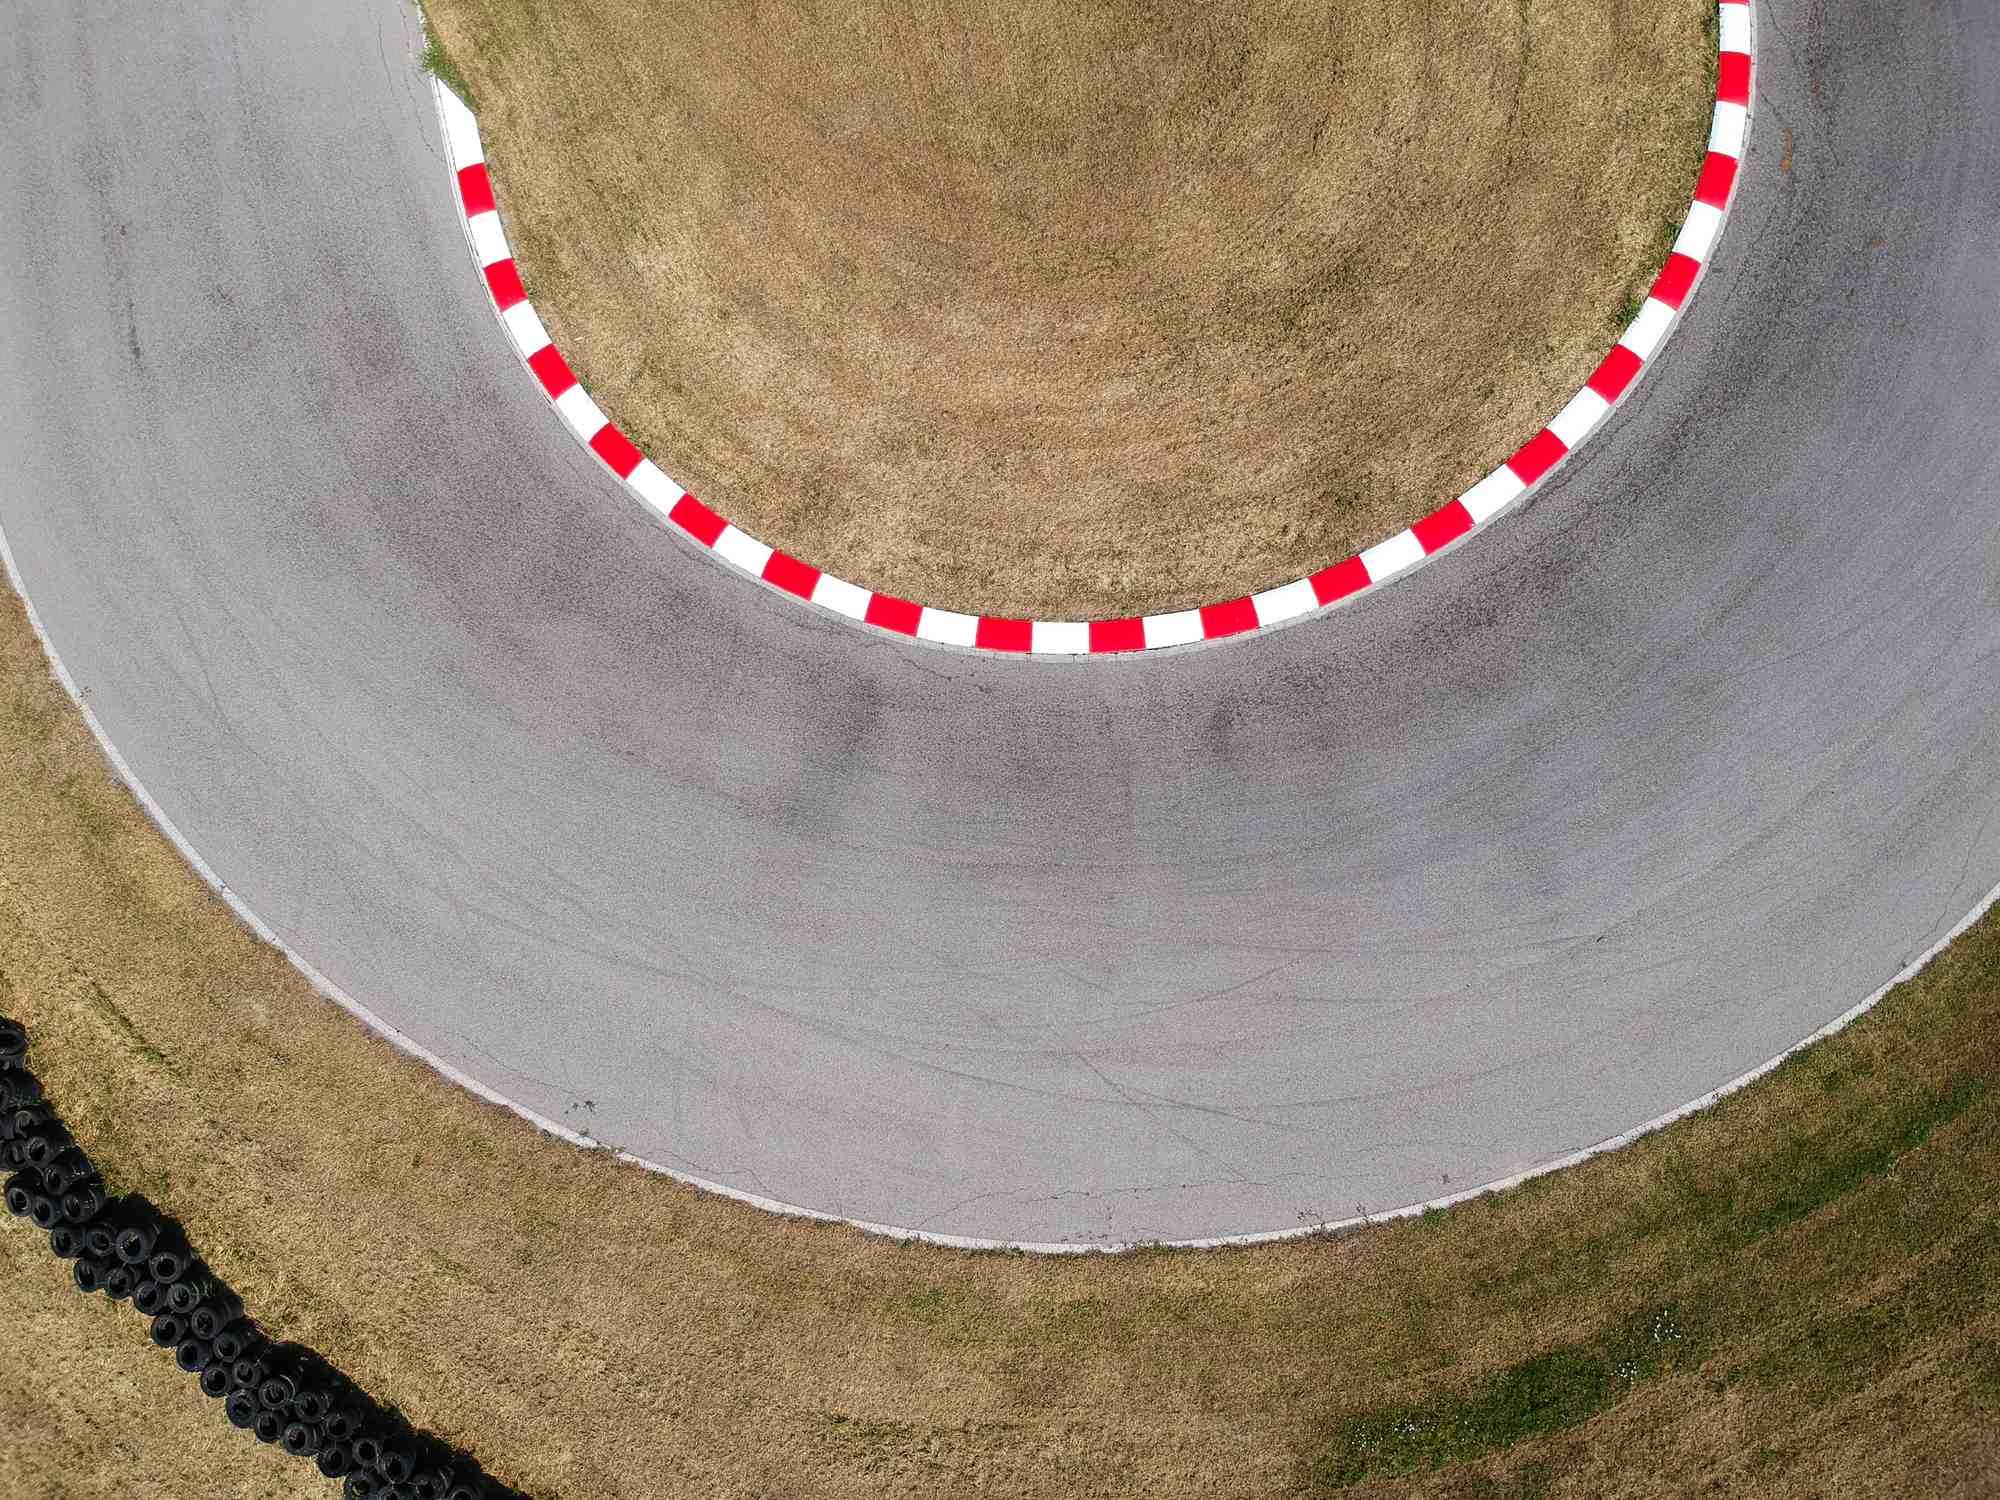 autodrom do ćwiczeń z płytami poślizgowymi dla kierowców pojazdów uprzywilejowanych